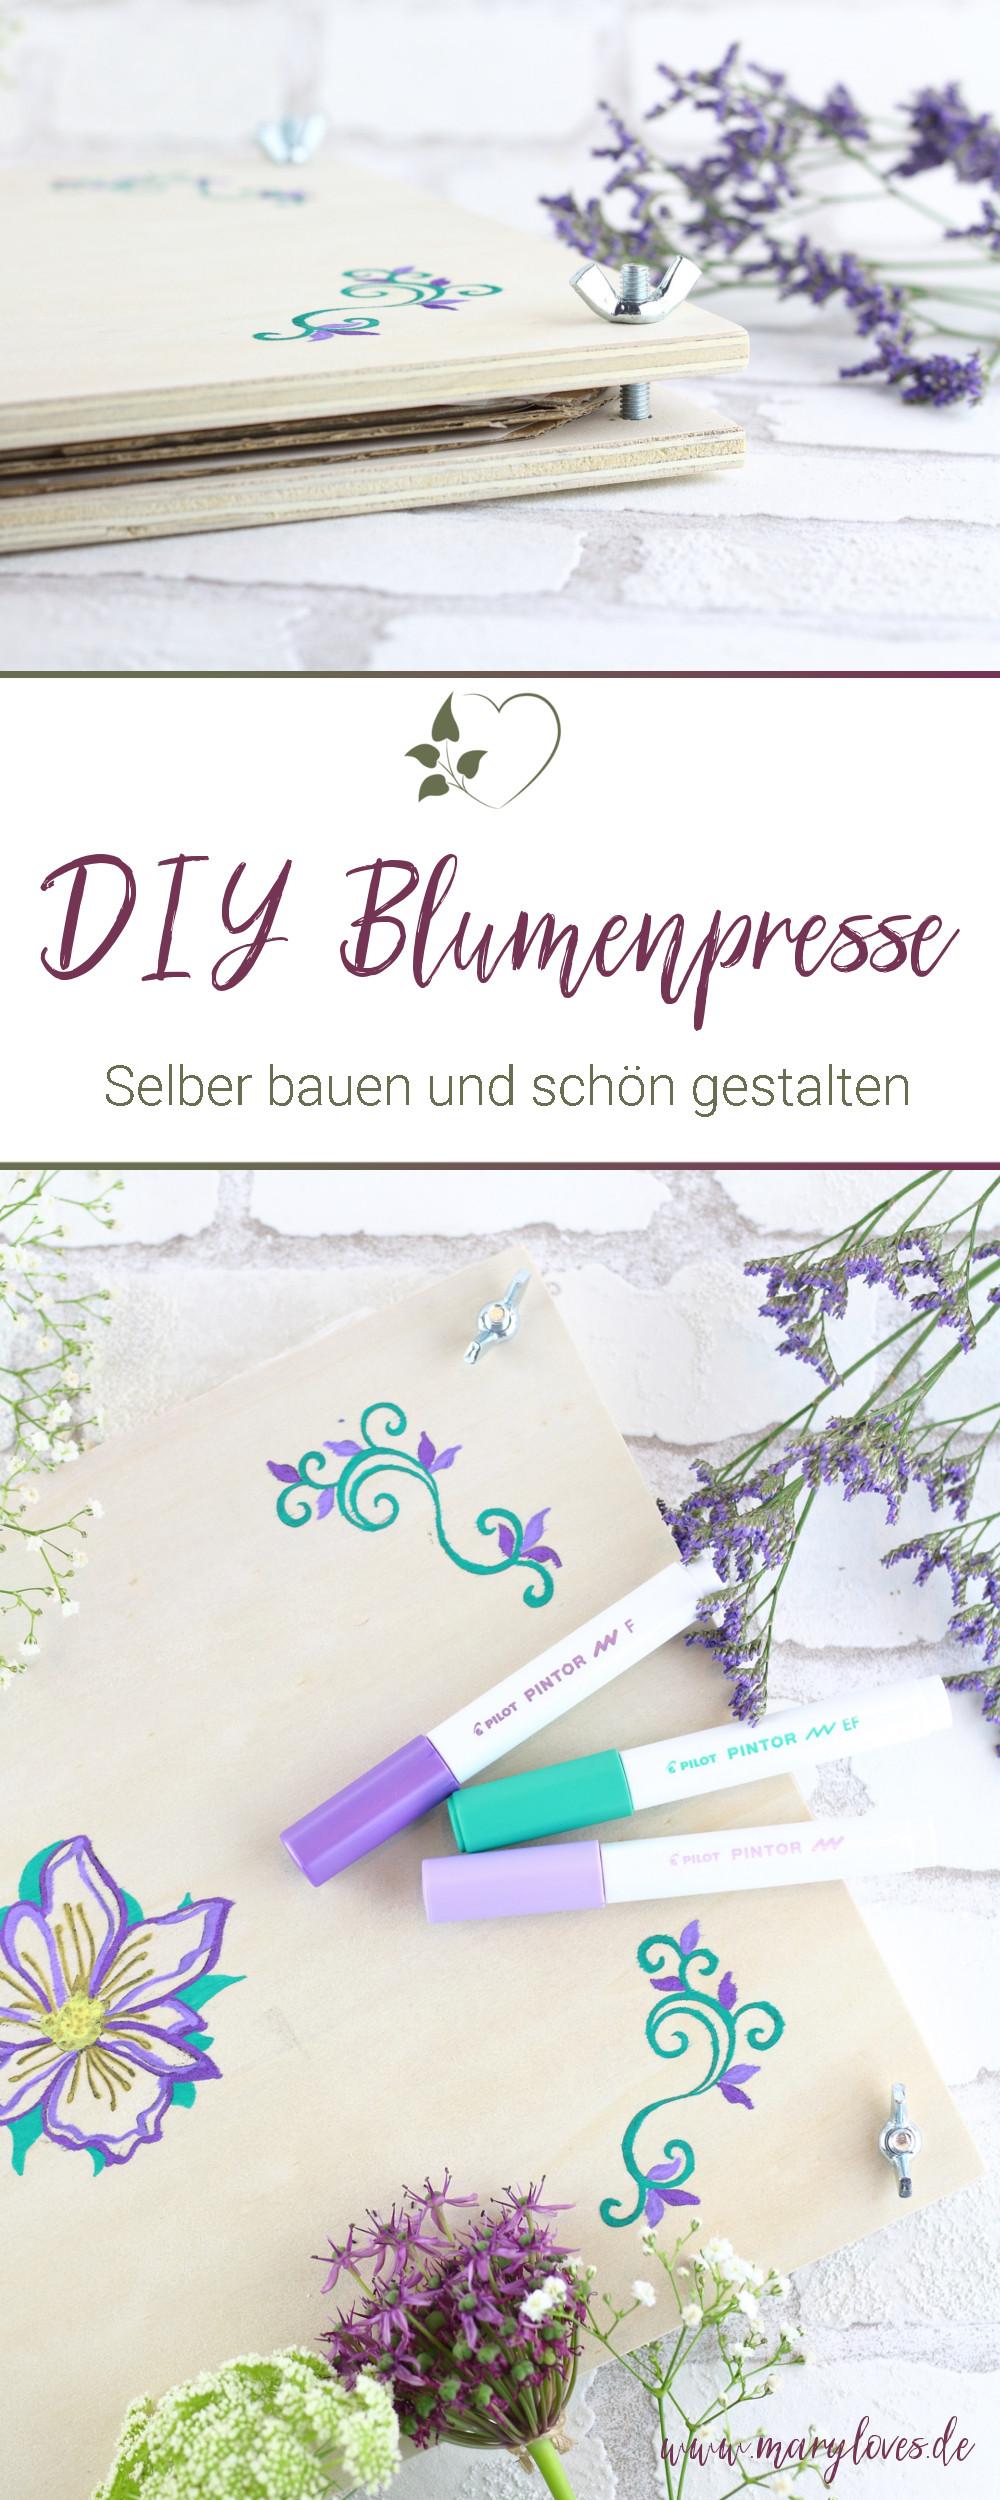 [Anzeige] DIY Blumenpresse aus Holz selber bauen - #blumenpresse #diyblumenpresse #blumenpressen #blumenpresseselberbauen #diy #blumendiy